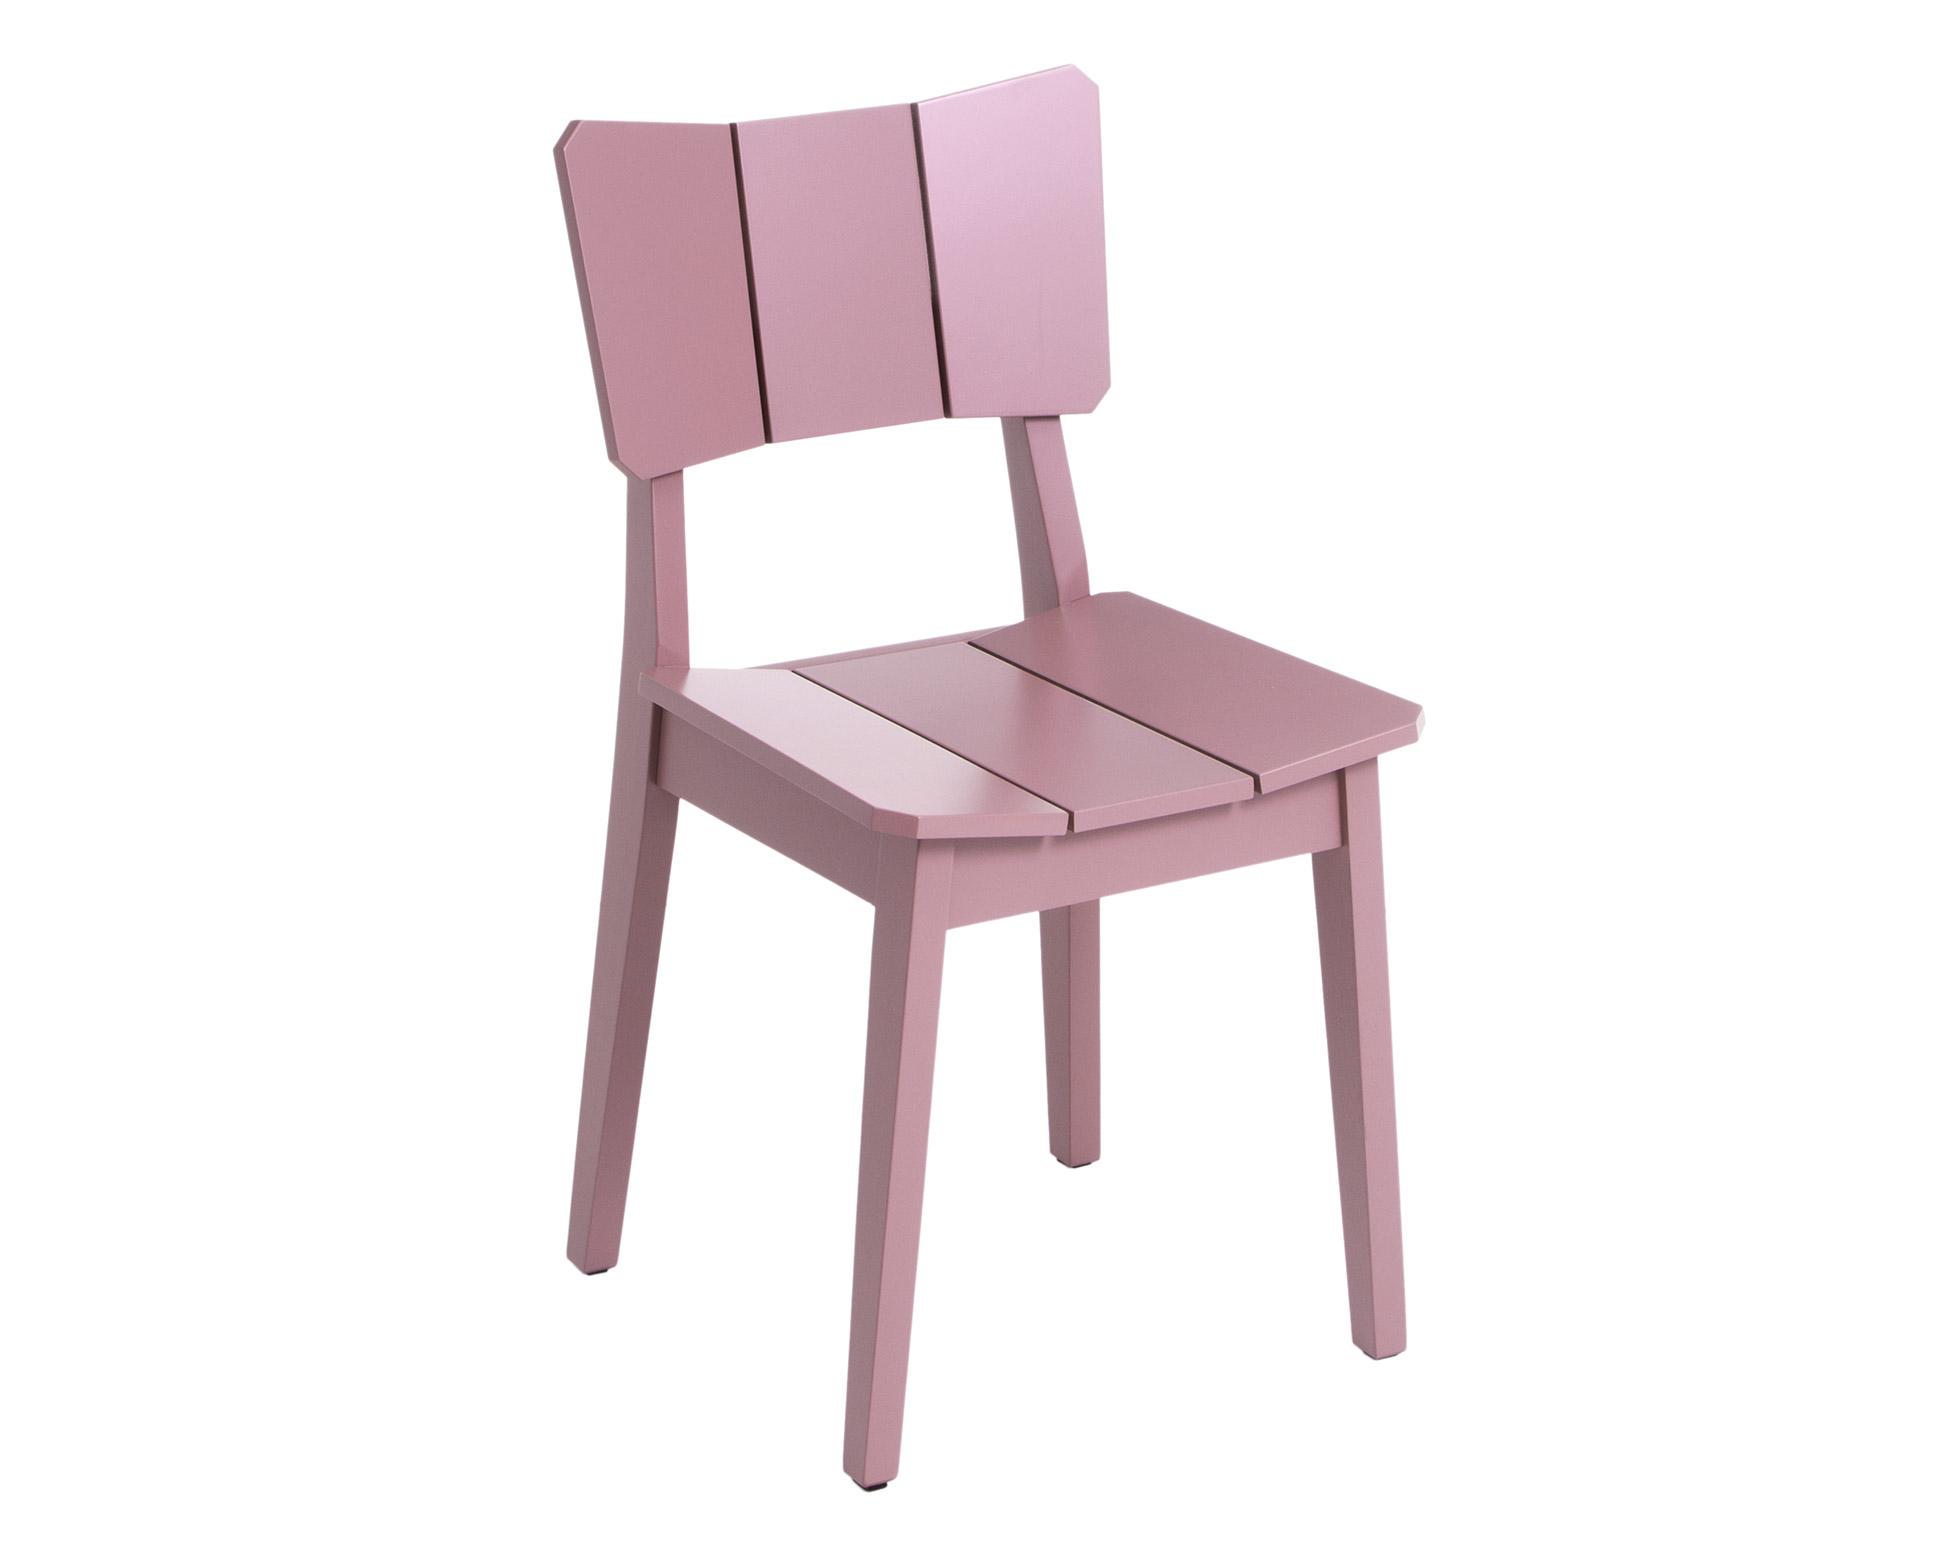 cadeira-uma-rose